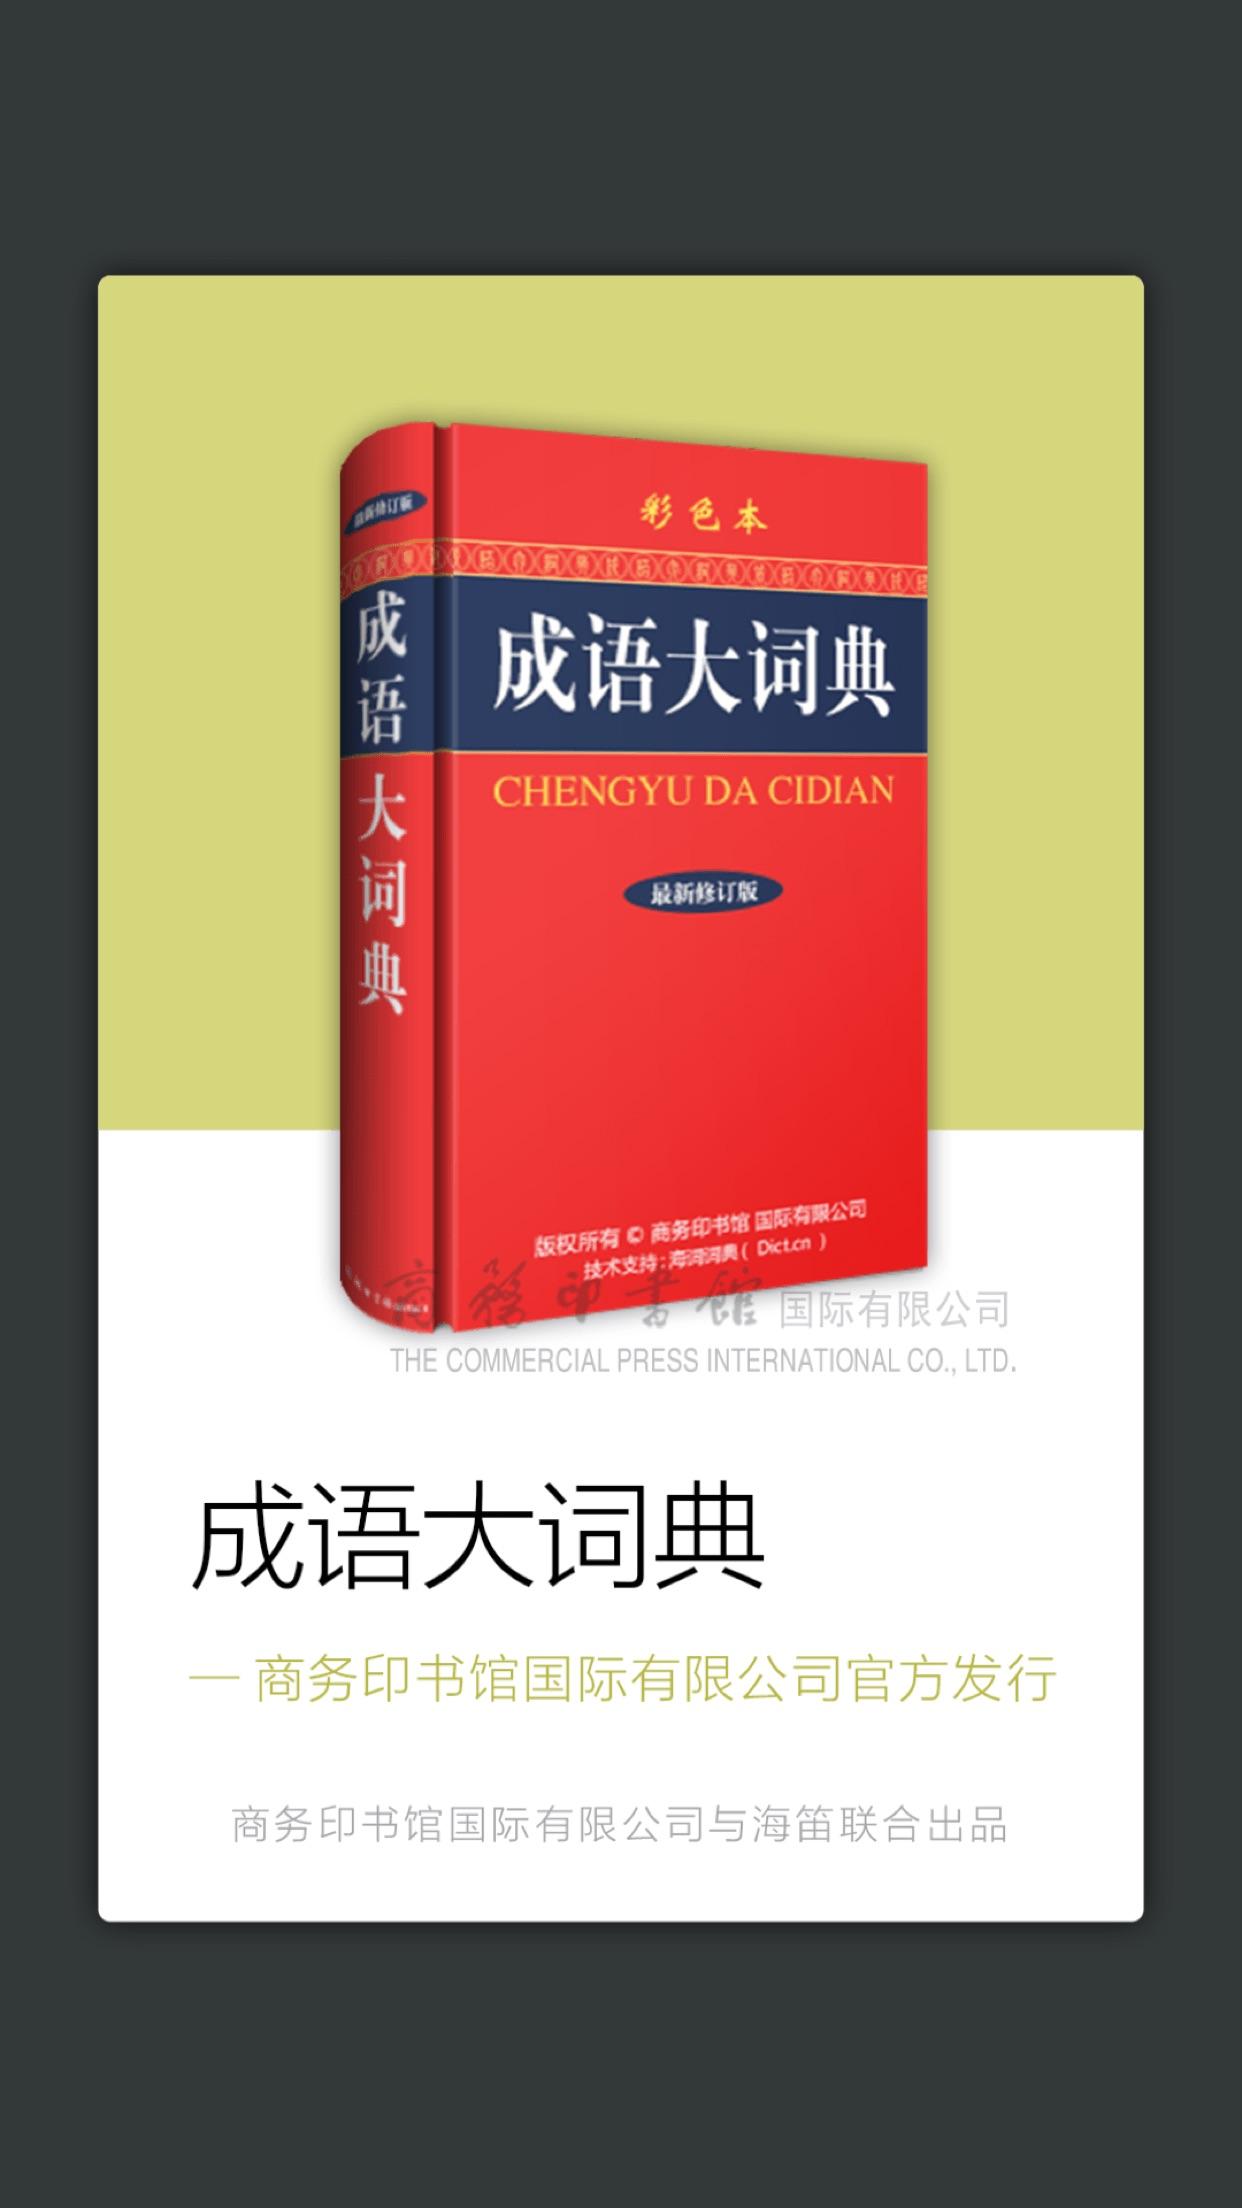 成语大词典-商务国际版海笛出品 Screenshot